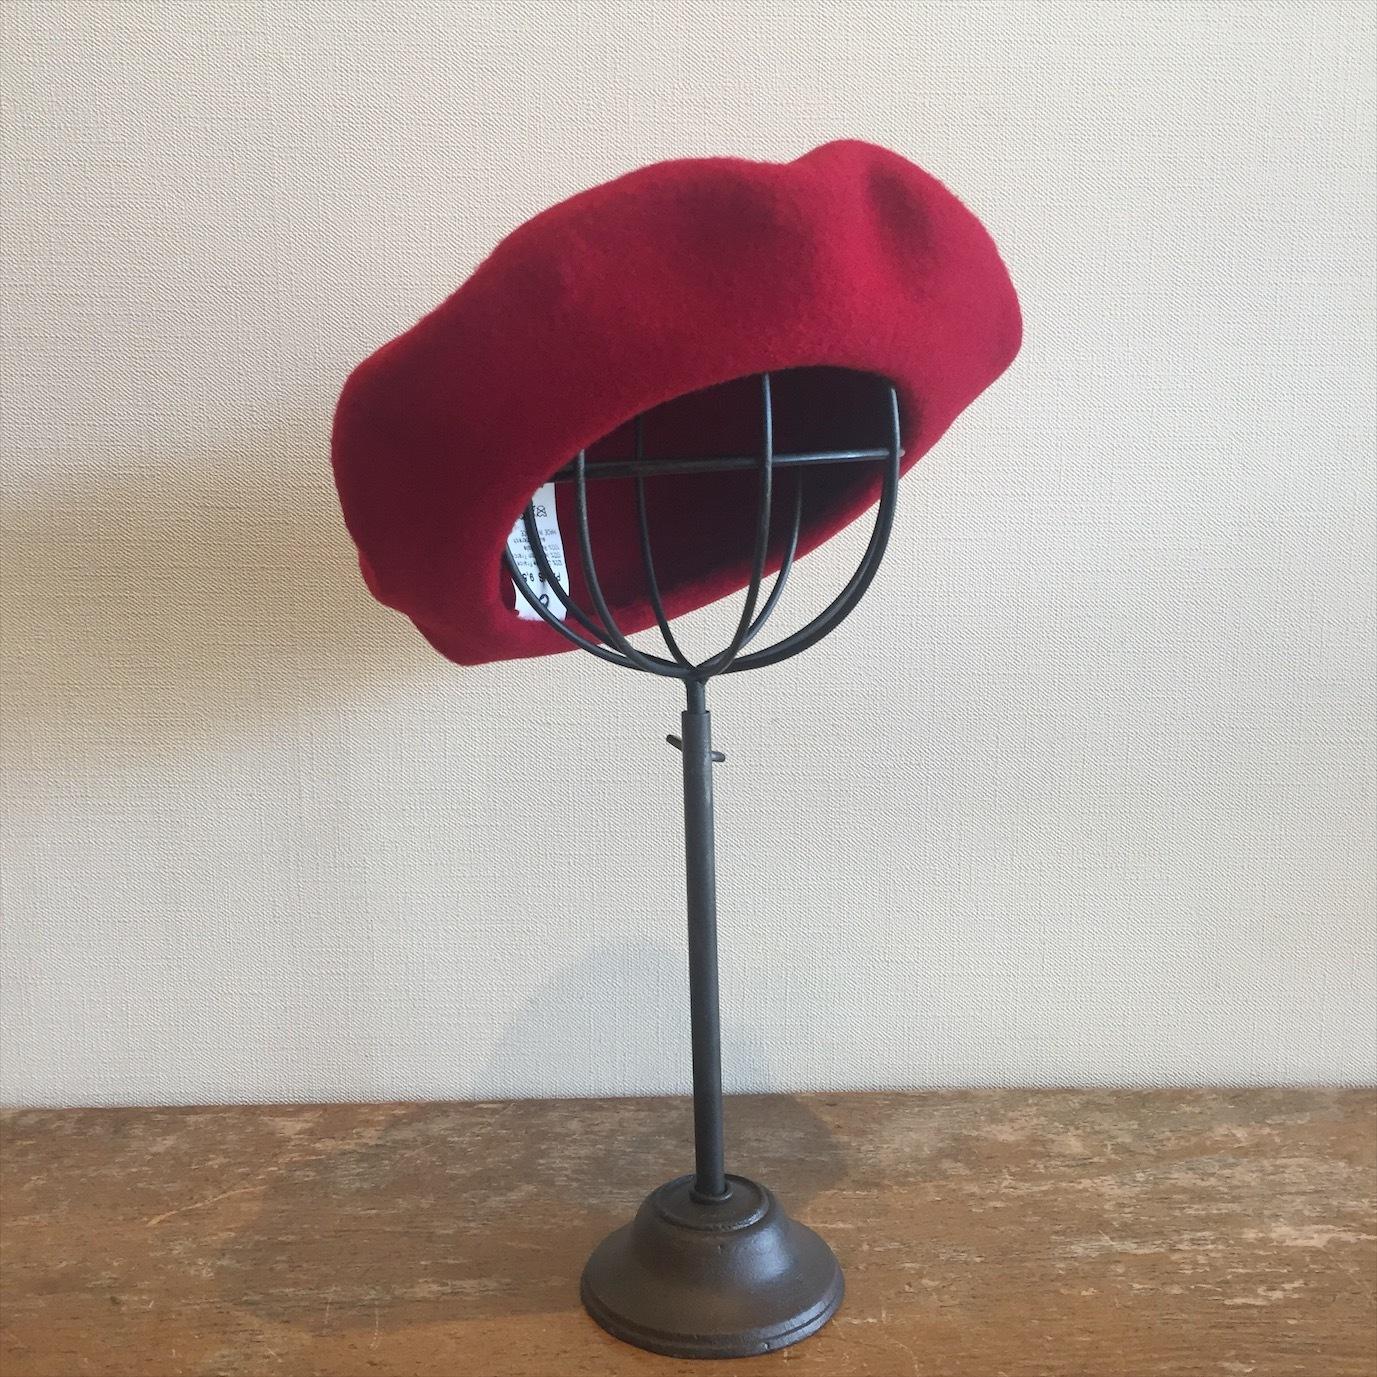 Laulhere ベレー帽